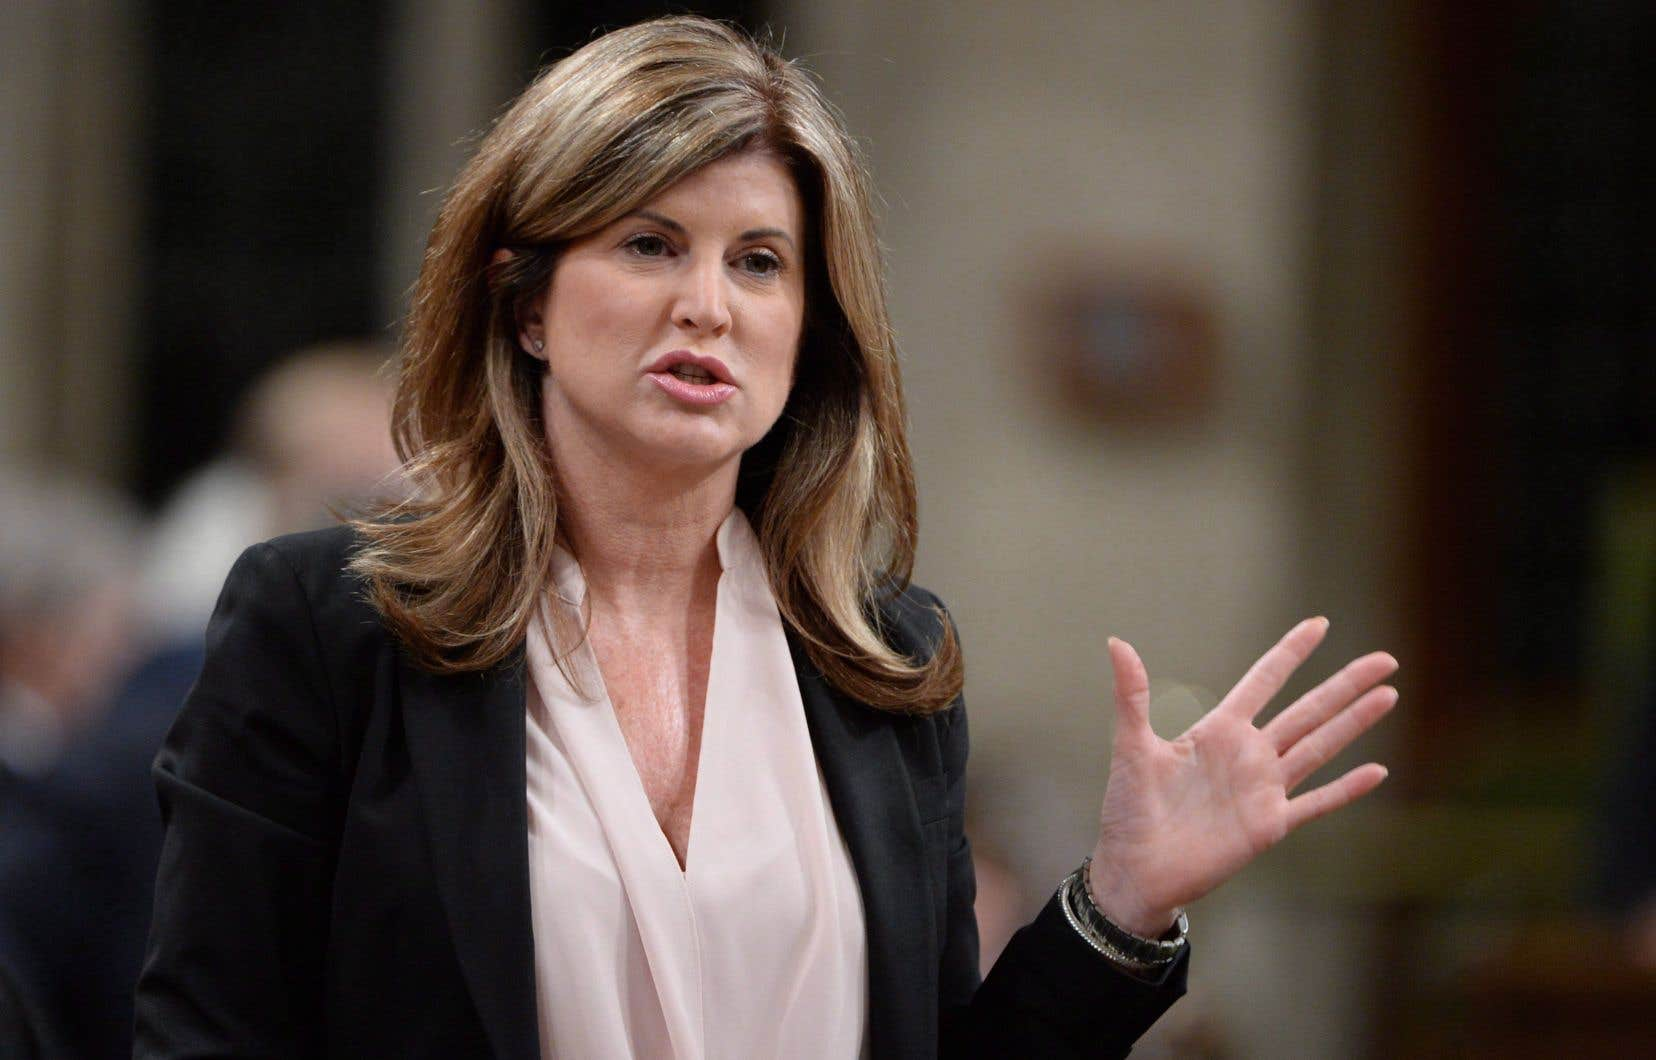 L'ex-députée conservatrice Rona Ambrose juge que l'initiative est nécessaire pour redonner aux femmes confiance dans le système judiciaire.